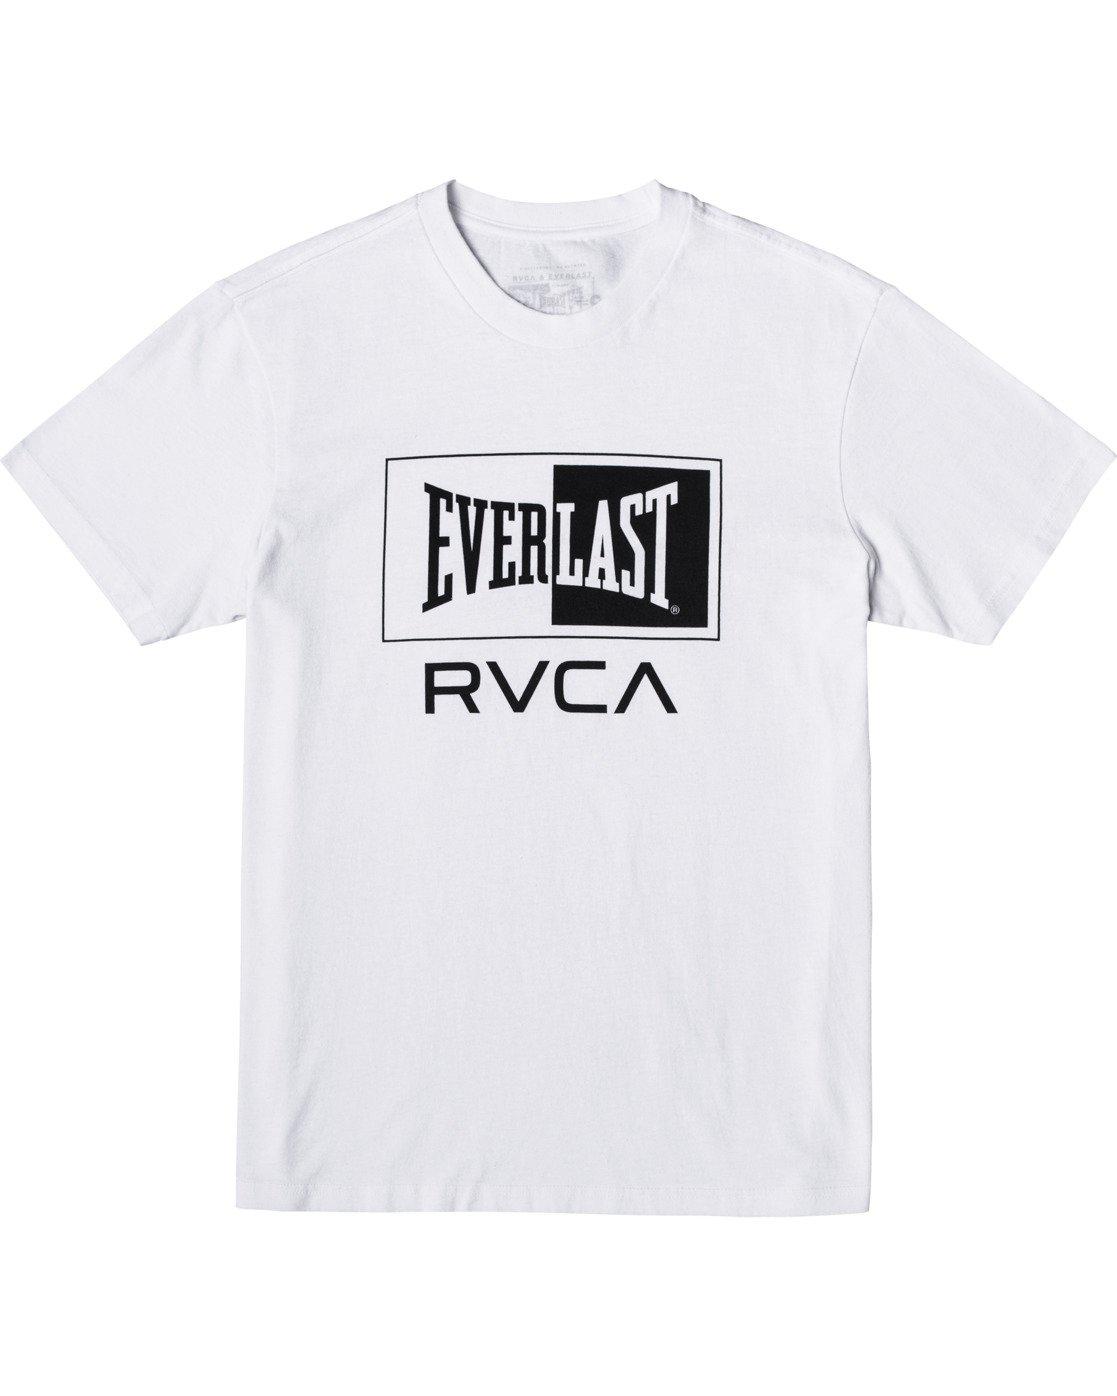 0 Everlast Box - T-Shirt for Men White U4SSEBRVF0 RVCA